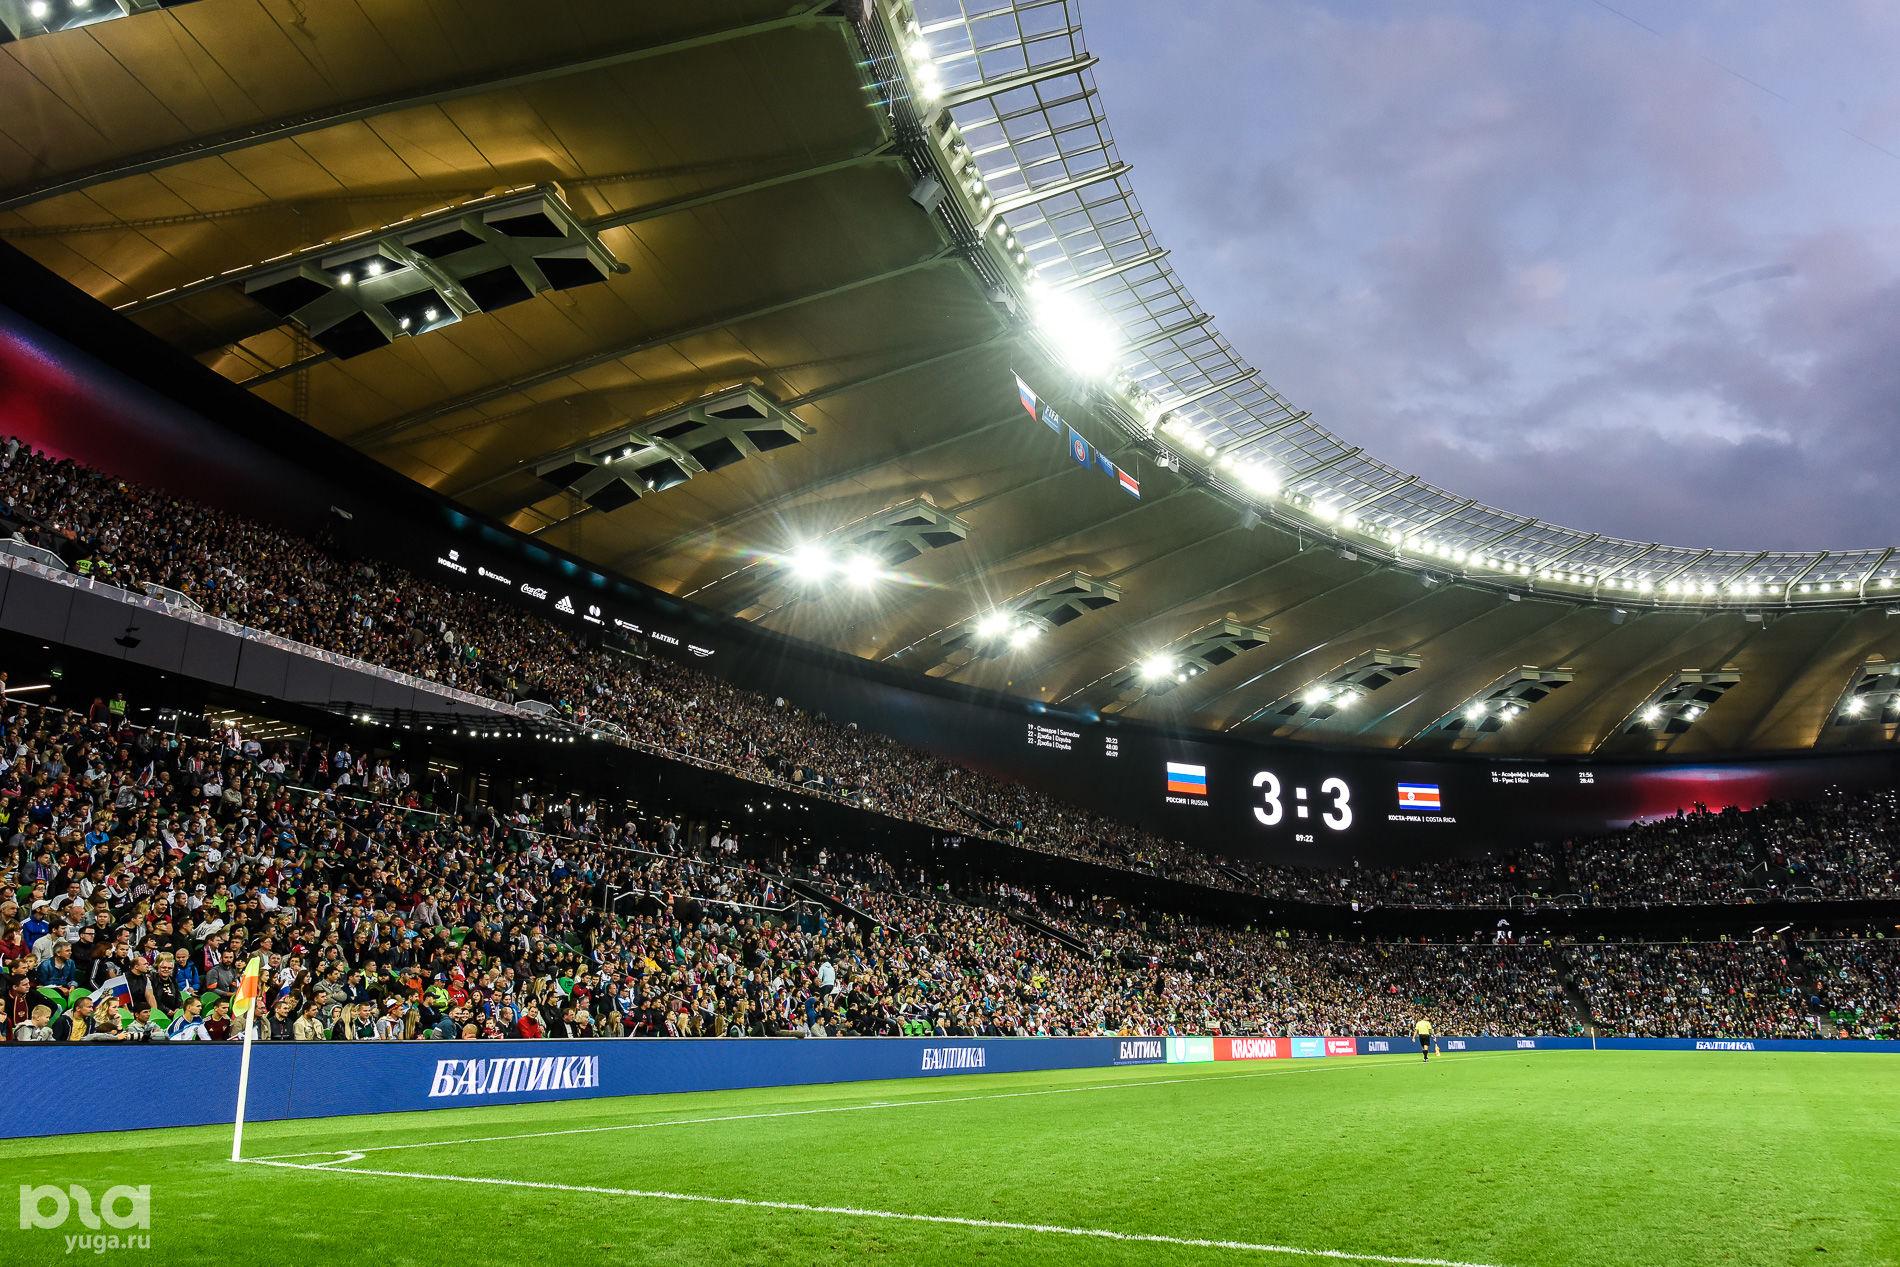 Сборная России проиграла Коста-Рике в матче открытия стадиона ФК «Краснодар» ©Елена Синеок, ЮГА.ру